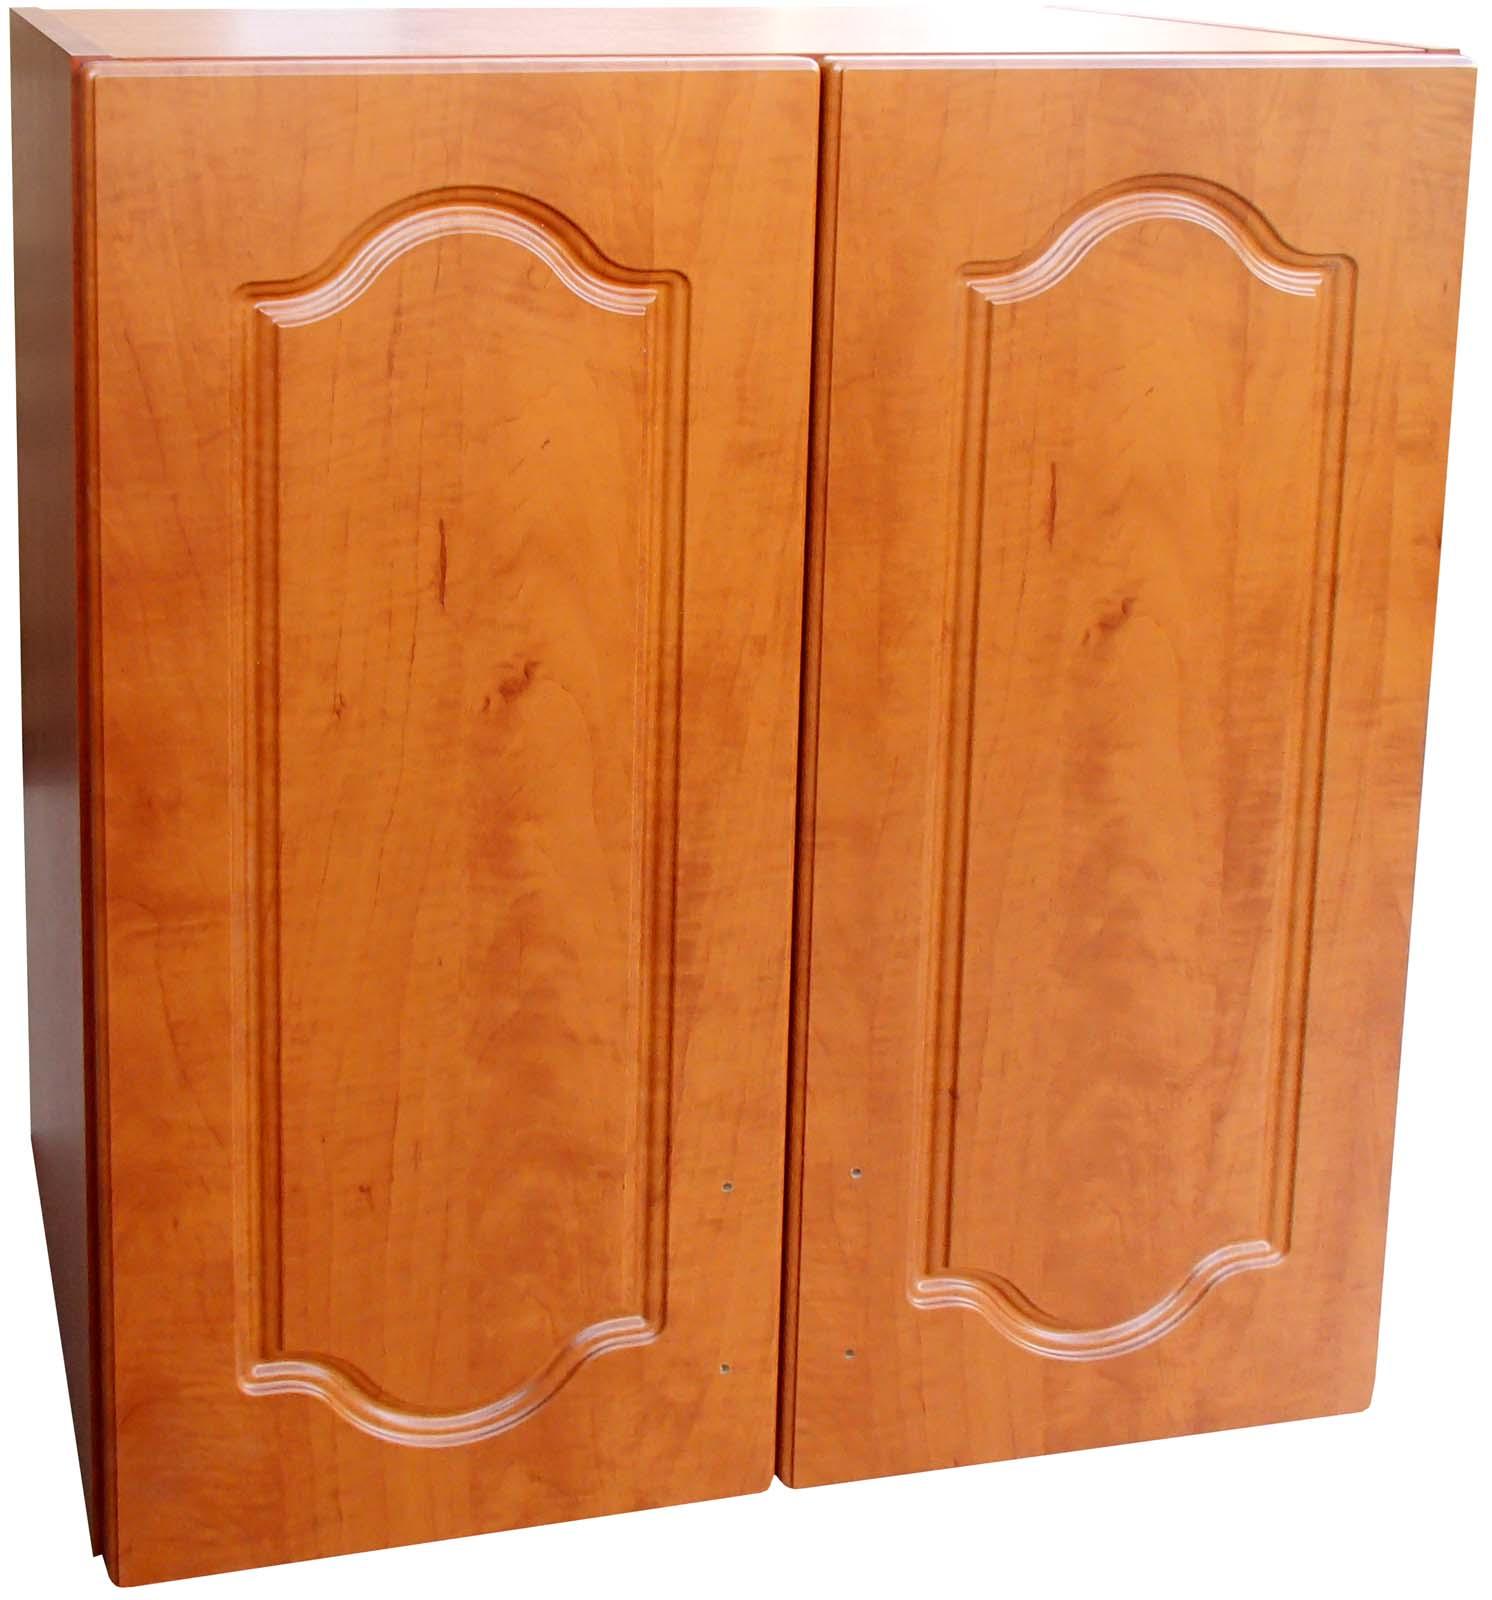 Horní kuchyňská skříňka 60 cm 2D kalvádos